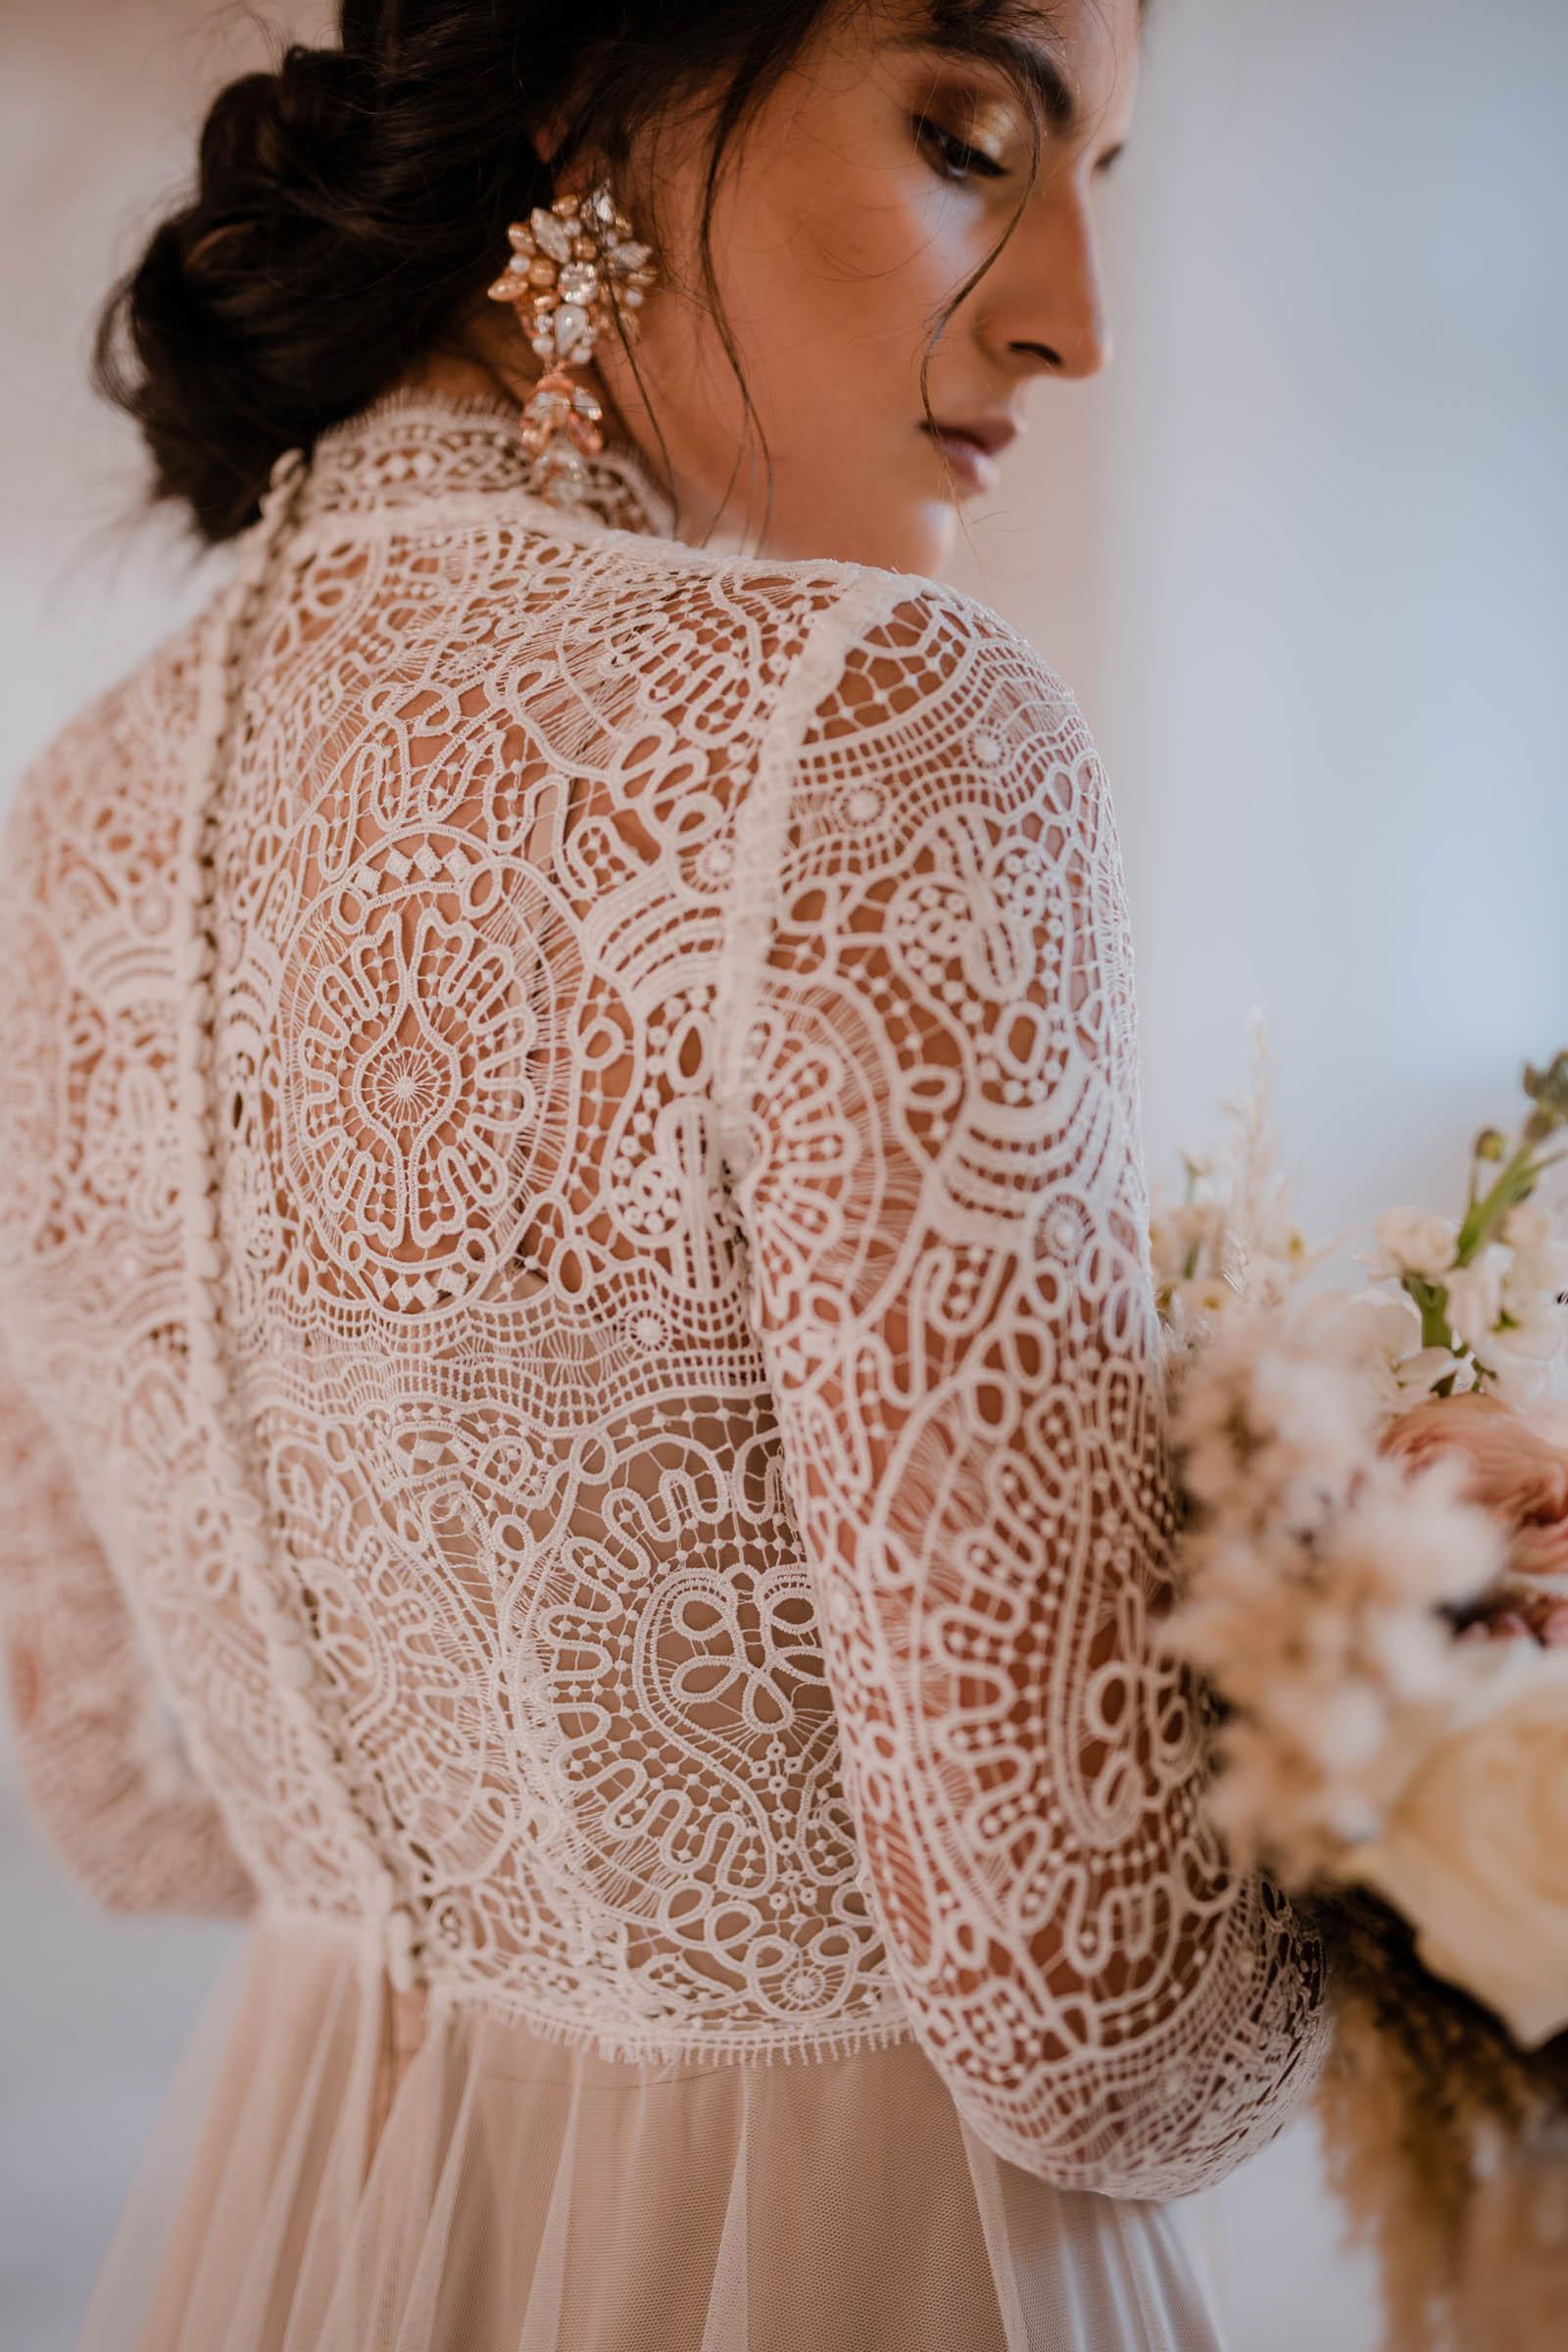 boho-svadobne-saty-veronika-kostkova-wedding-atelier-kolekcia-2019-charo